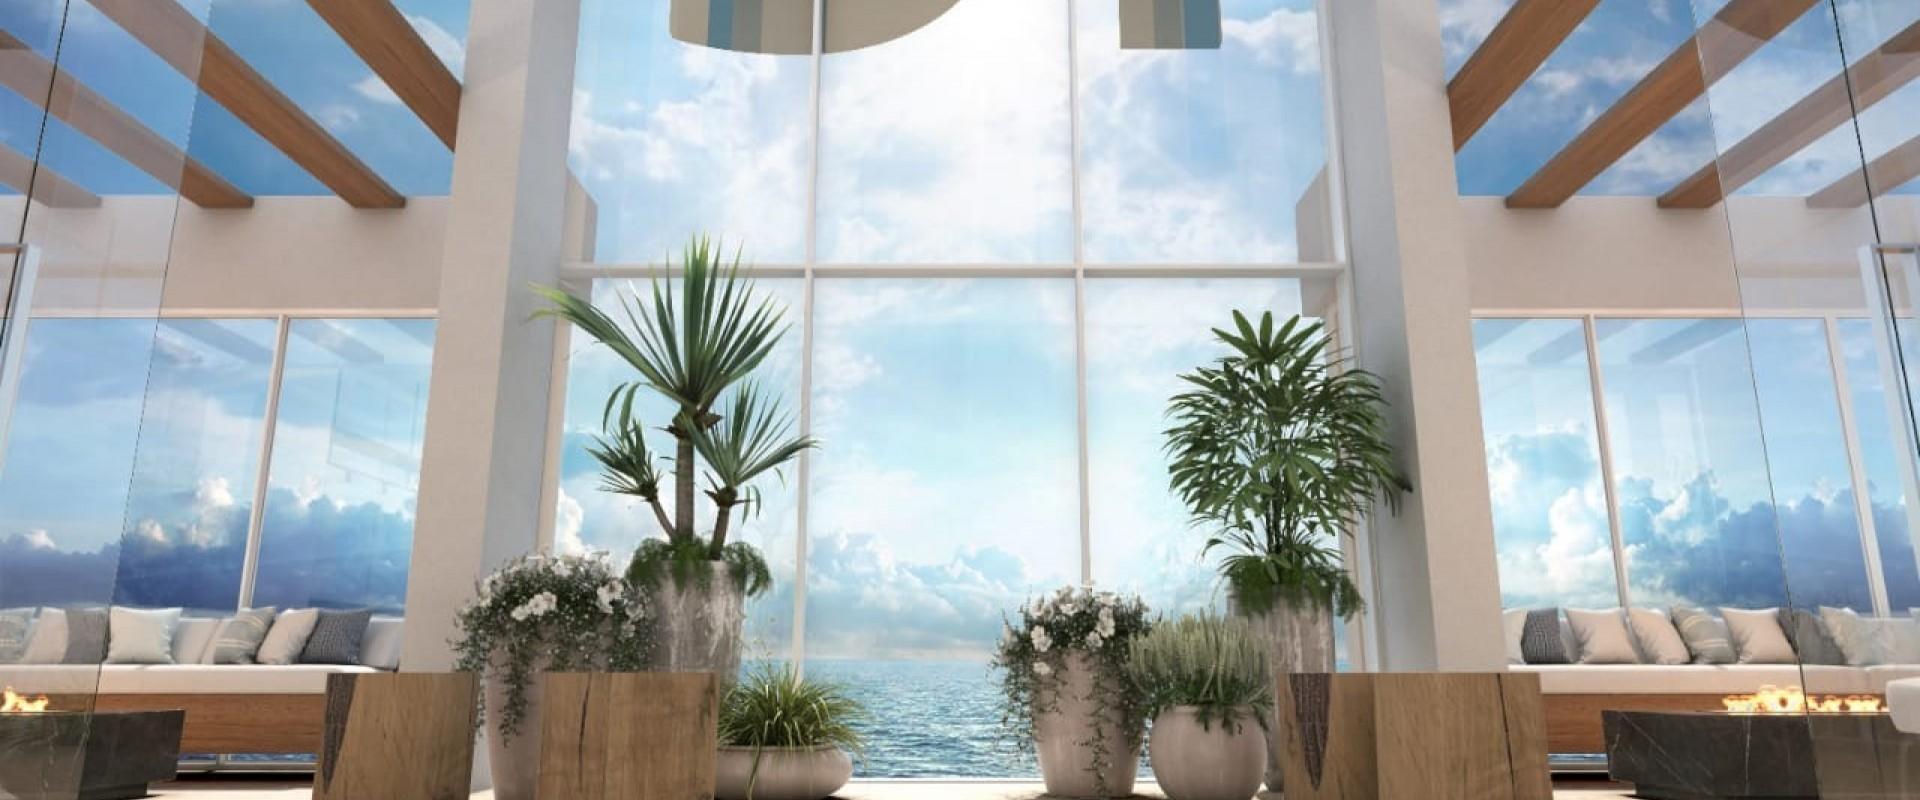 Blue Coast Apartamento em lançamento da FG, Blue Coast em Balneário Camboriú.